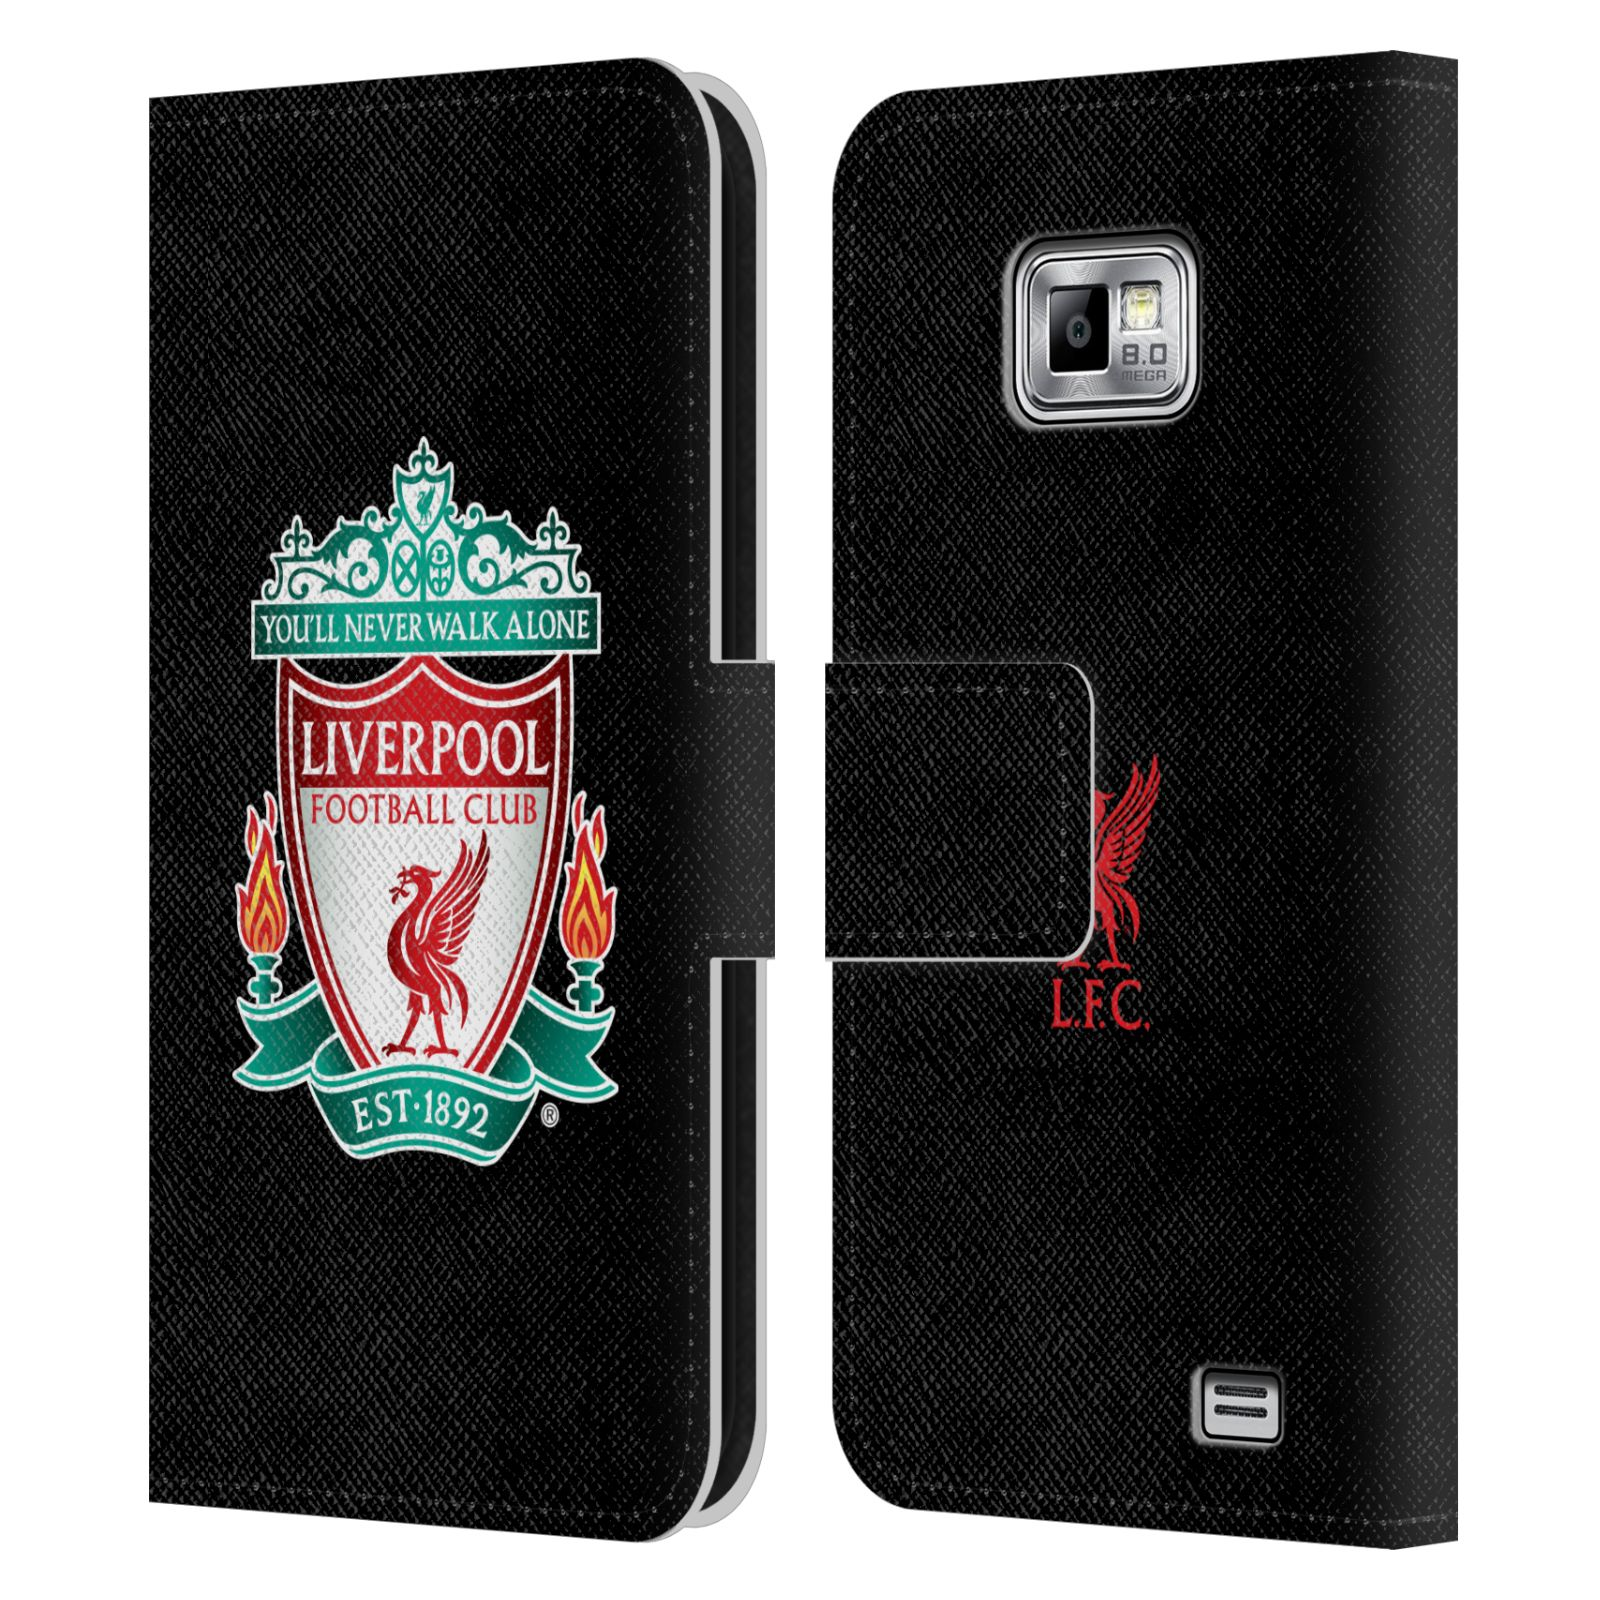 HEAD CASE Flipové pouzdro pro mobil Samsung Galaxy S2 i9100 LIVERPOOL FC OFICIÁLNÍ ZNAK barevný znak na černé